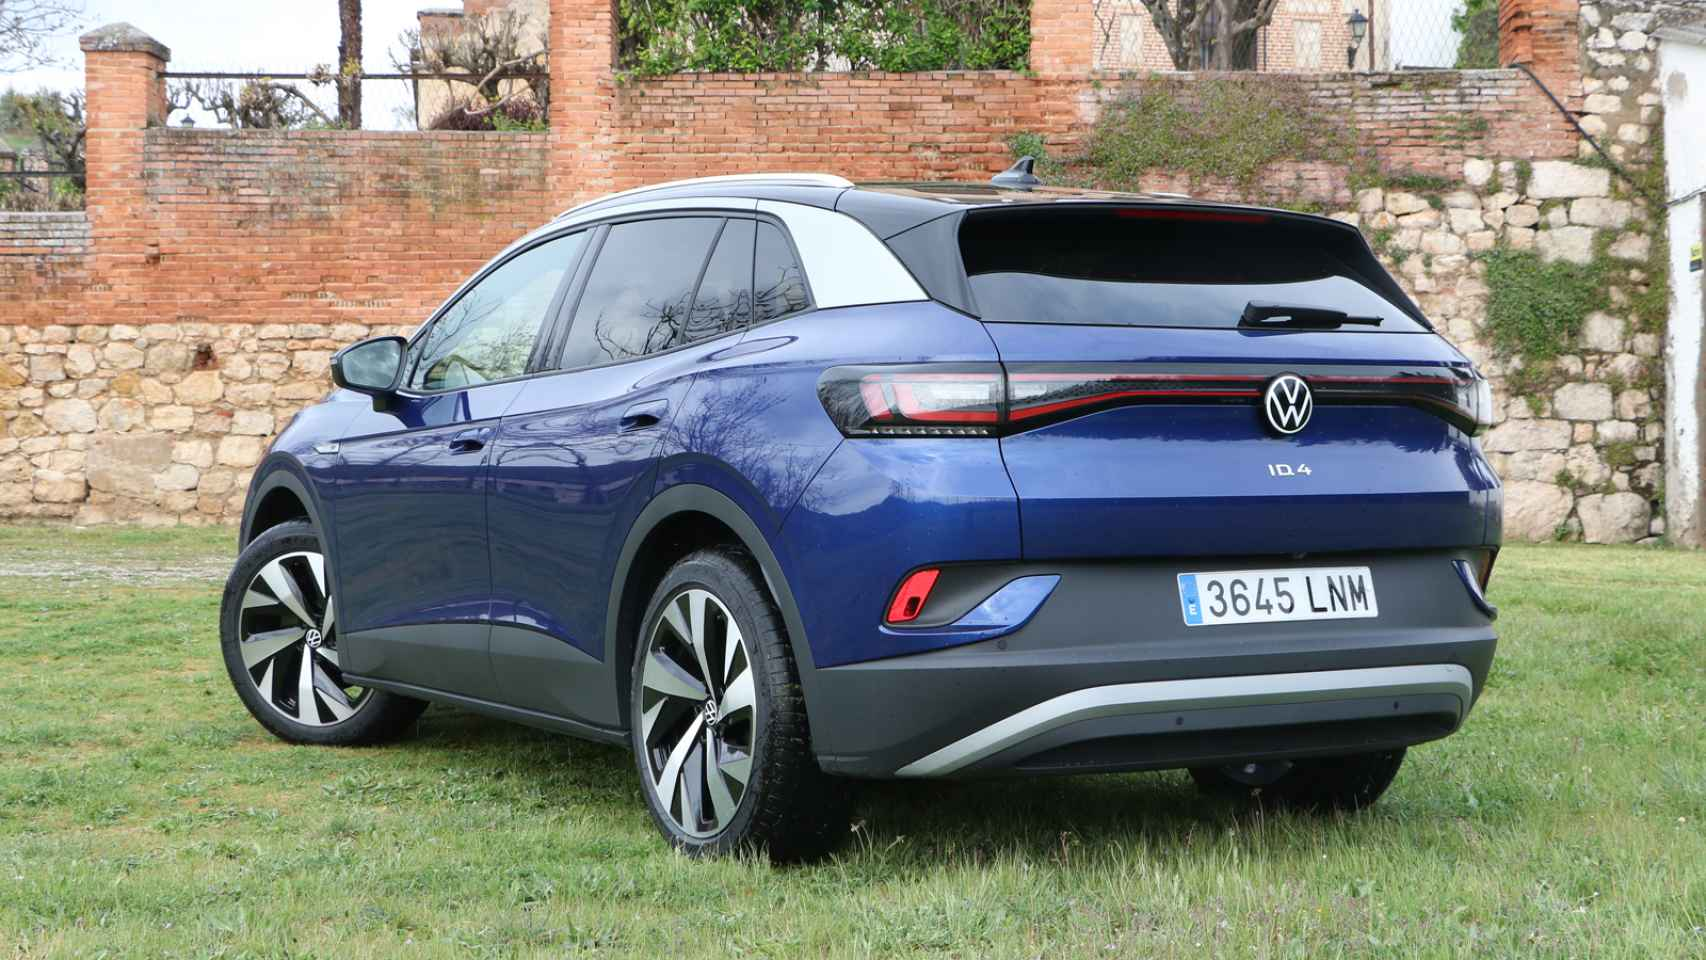 Volkswagen ID.4: Todas las fotos del nuevo SUV eléctrico con 500 kilómetros de autonomía